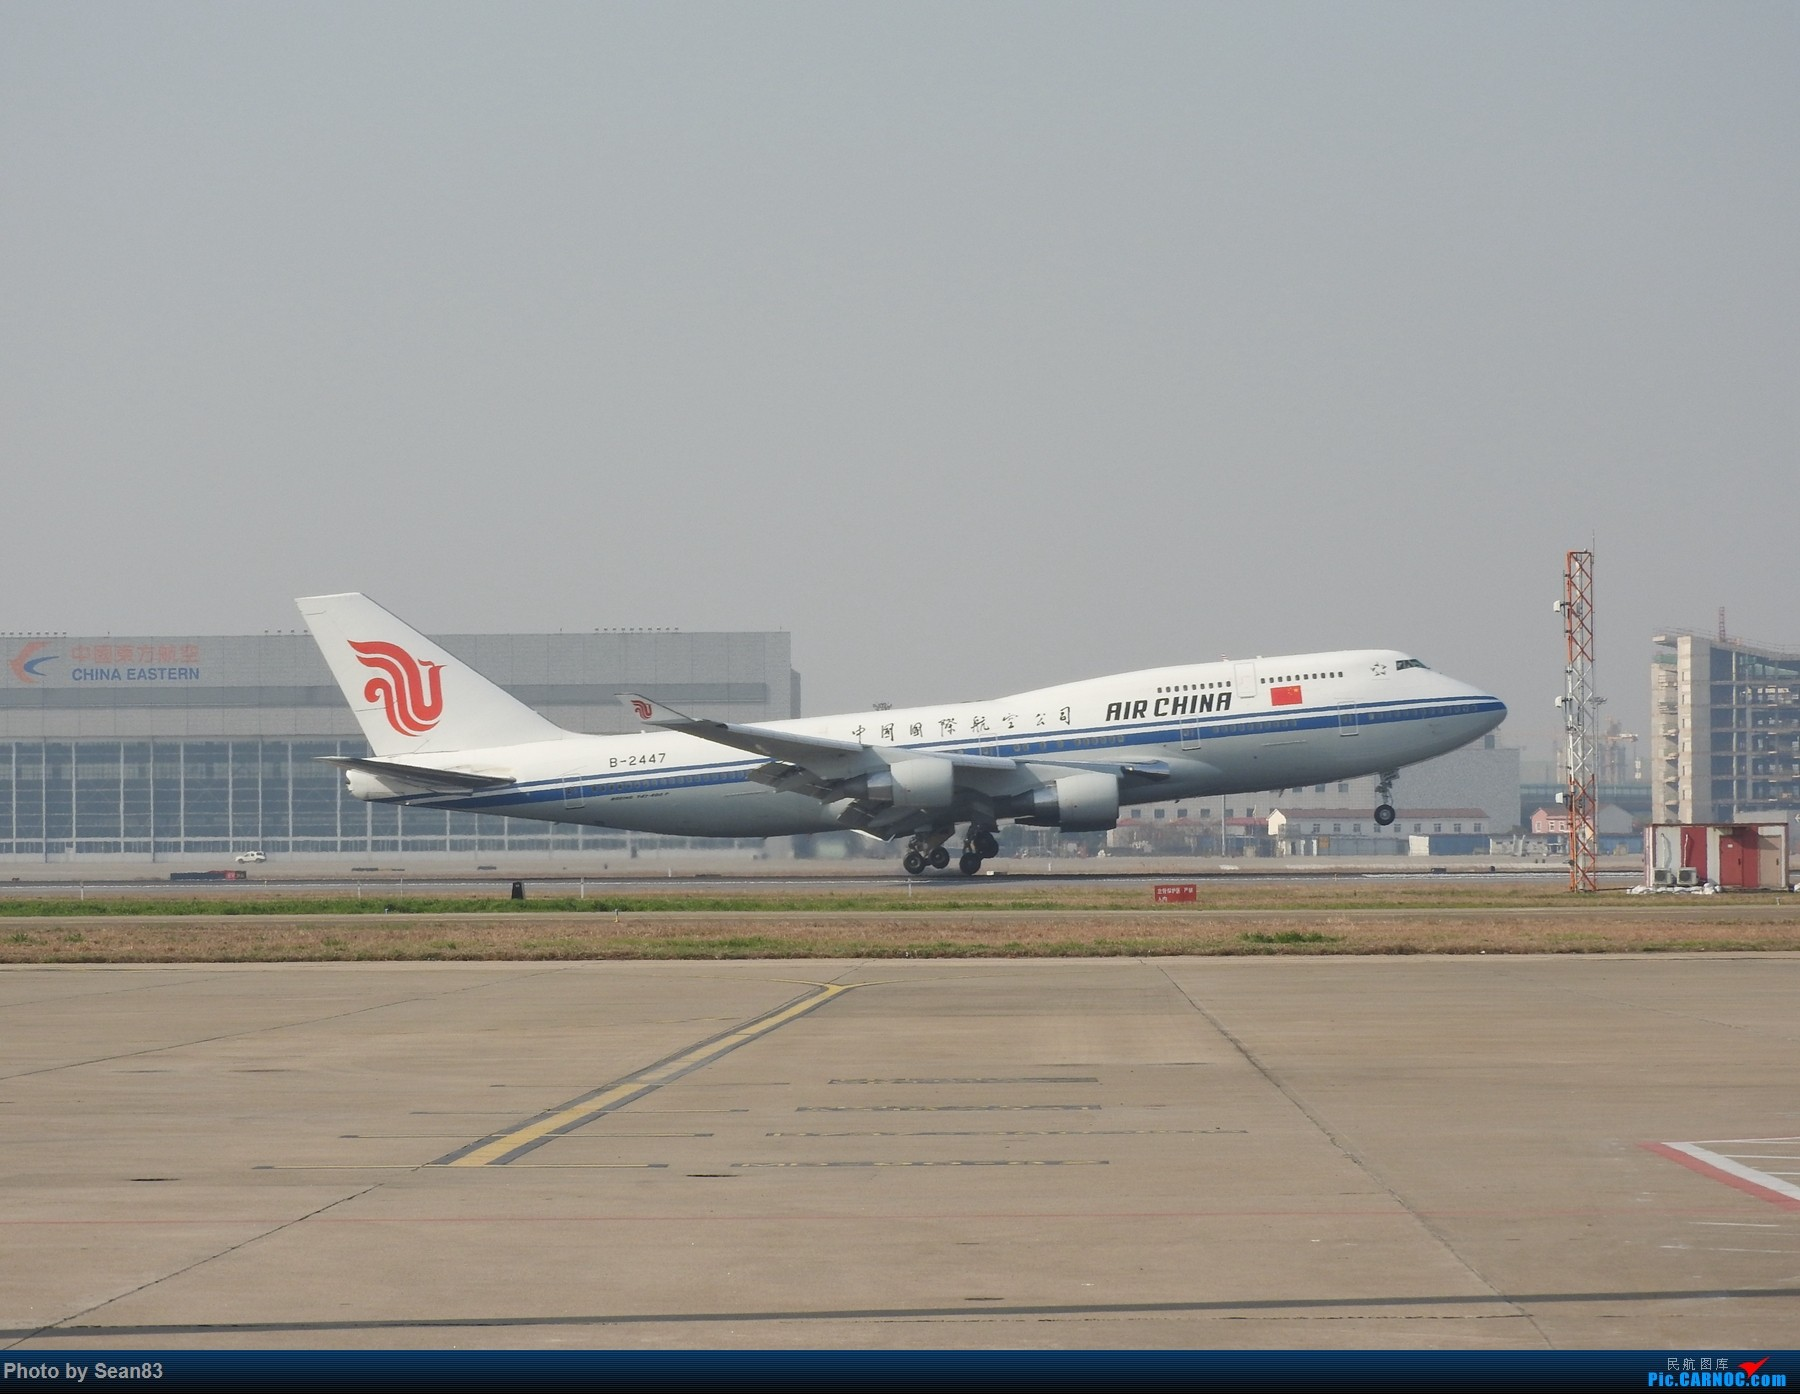 [原创](上海飞友会) 小白一路走来 BOEING 747-400 B-2447 上海虹桥机场